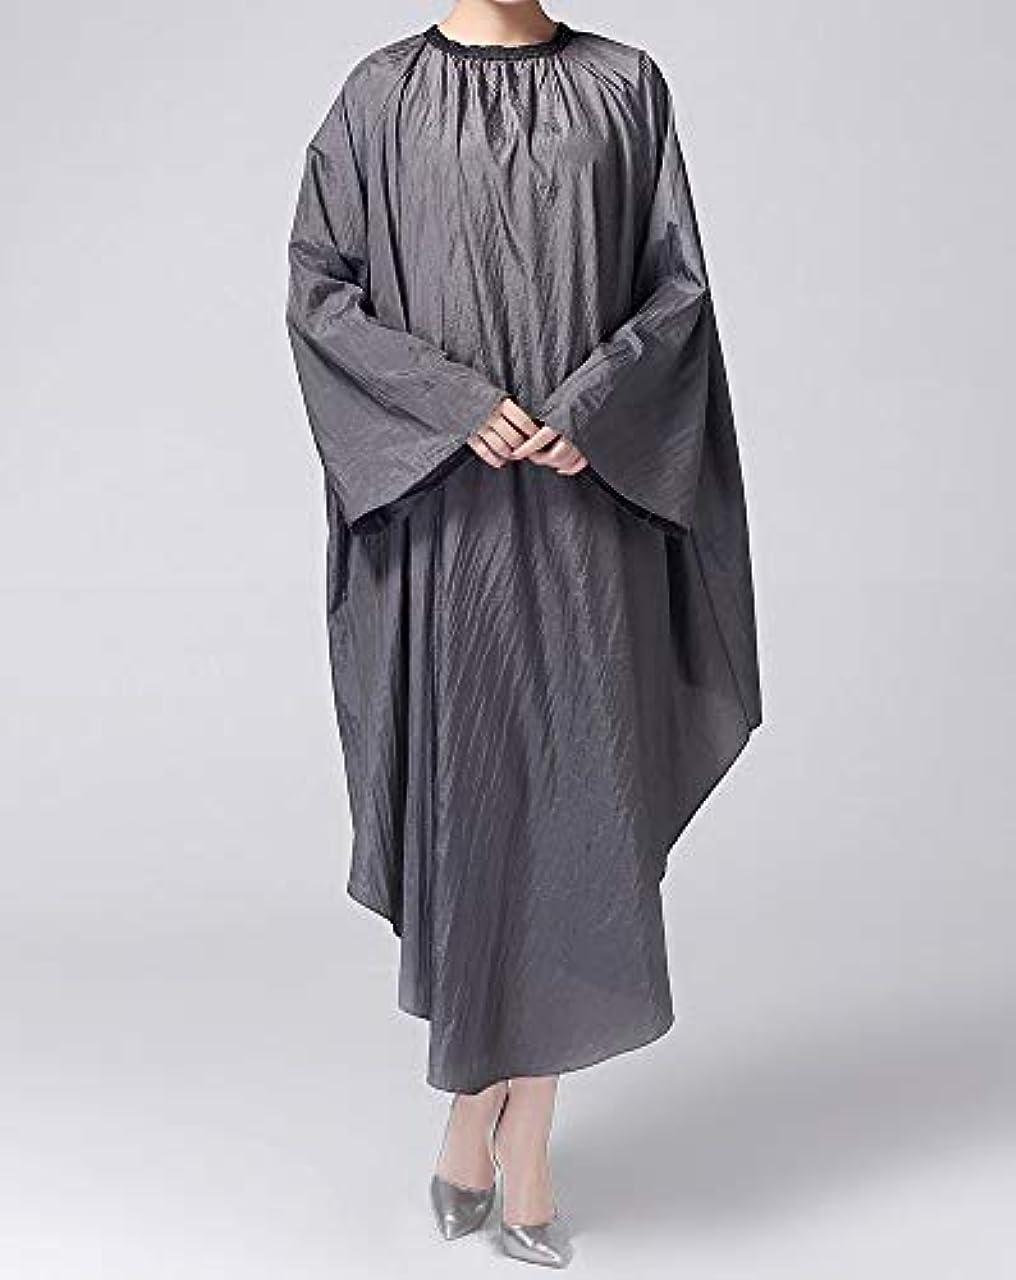 大胆不敵一般的に分離するHIZLJJ ヘアカット理髪サロンケーププロフェッショナル防水ナイロン美容院理髪店ケープガウン (Color : Gray)